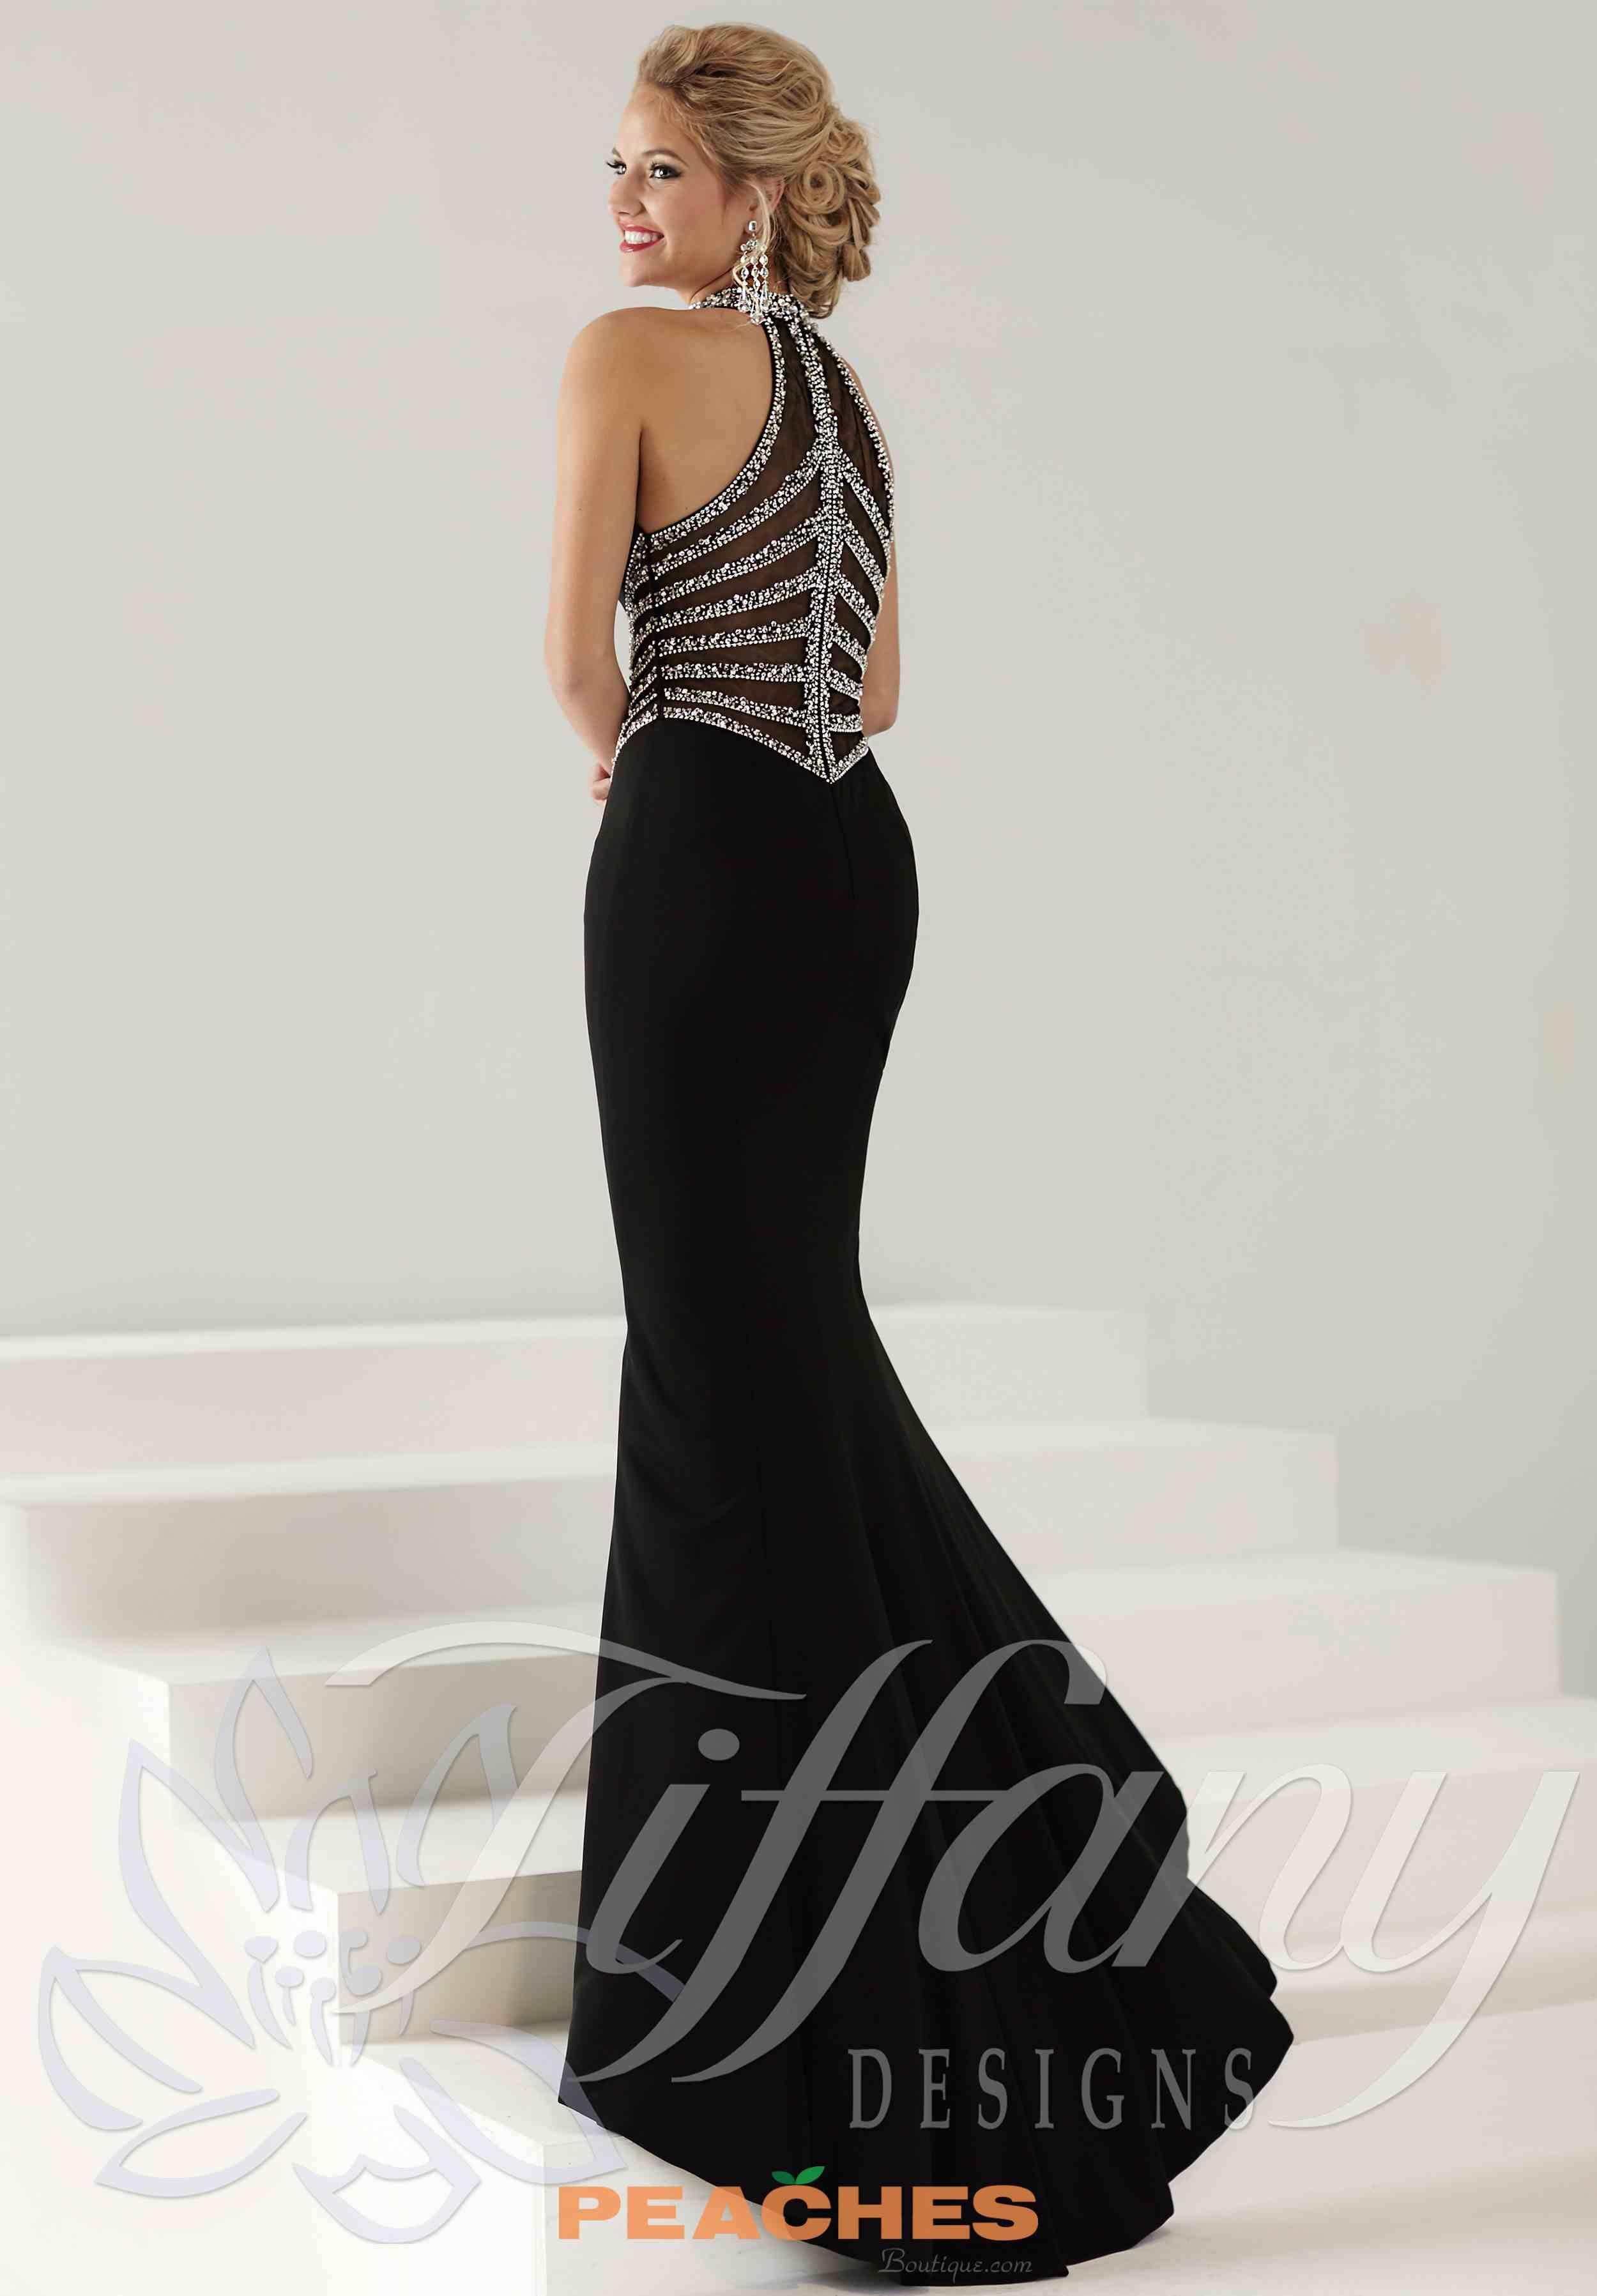 Tiffany v neckline celebrity fitted dress tiffany